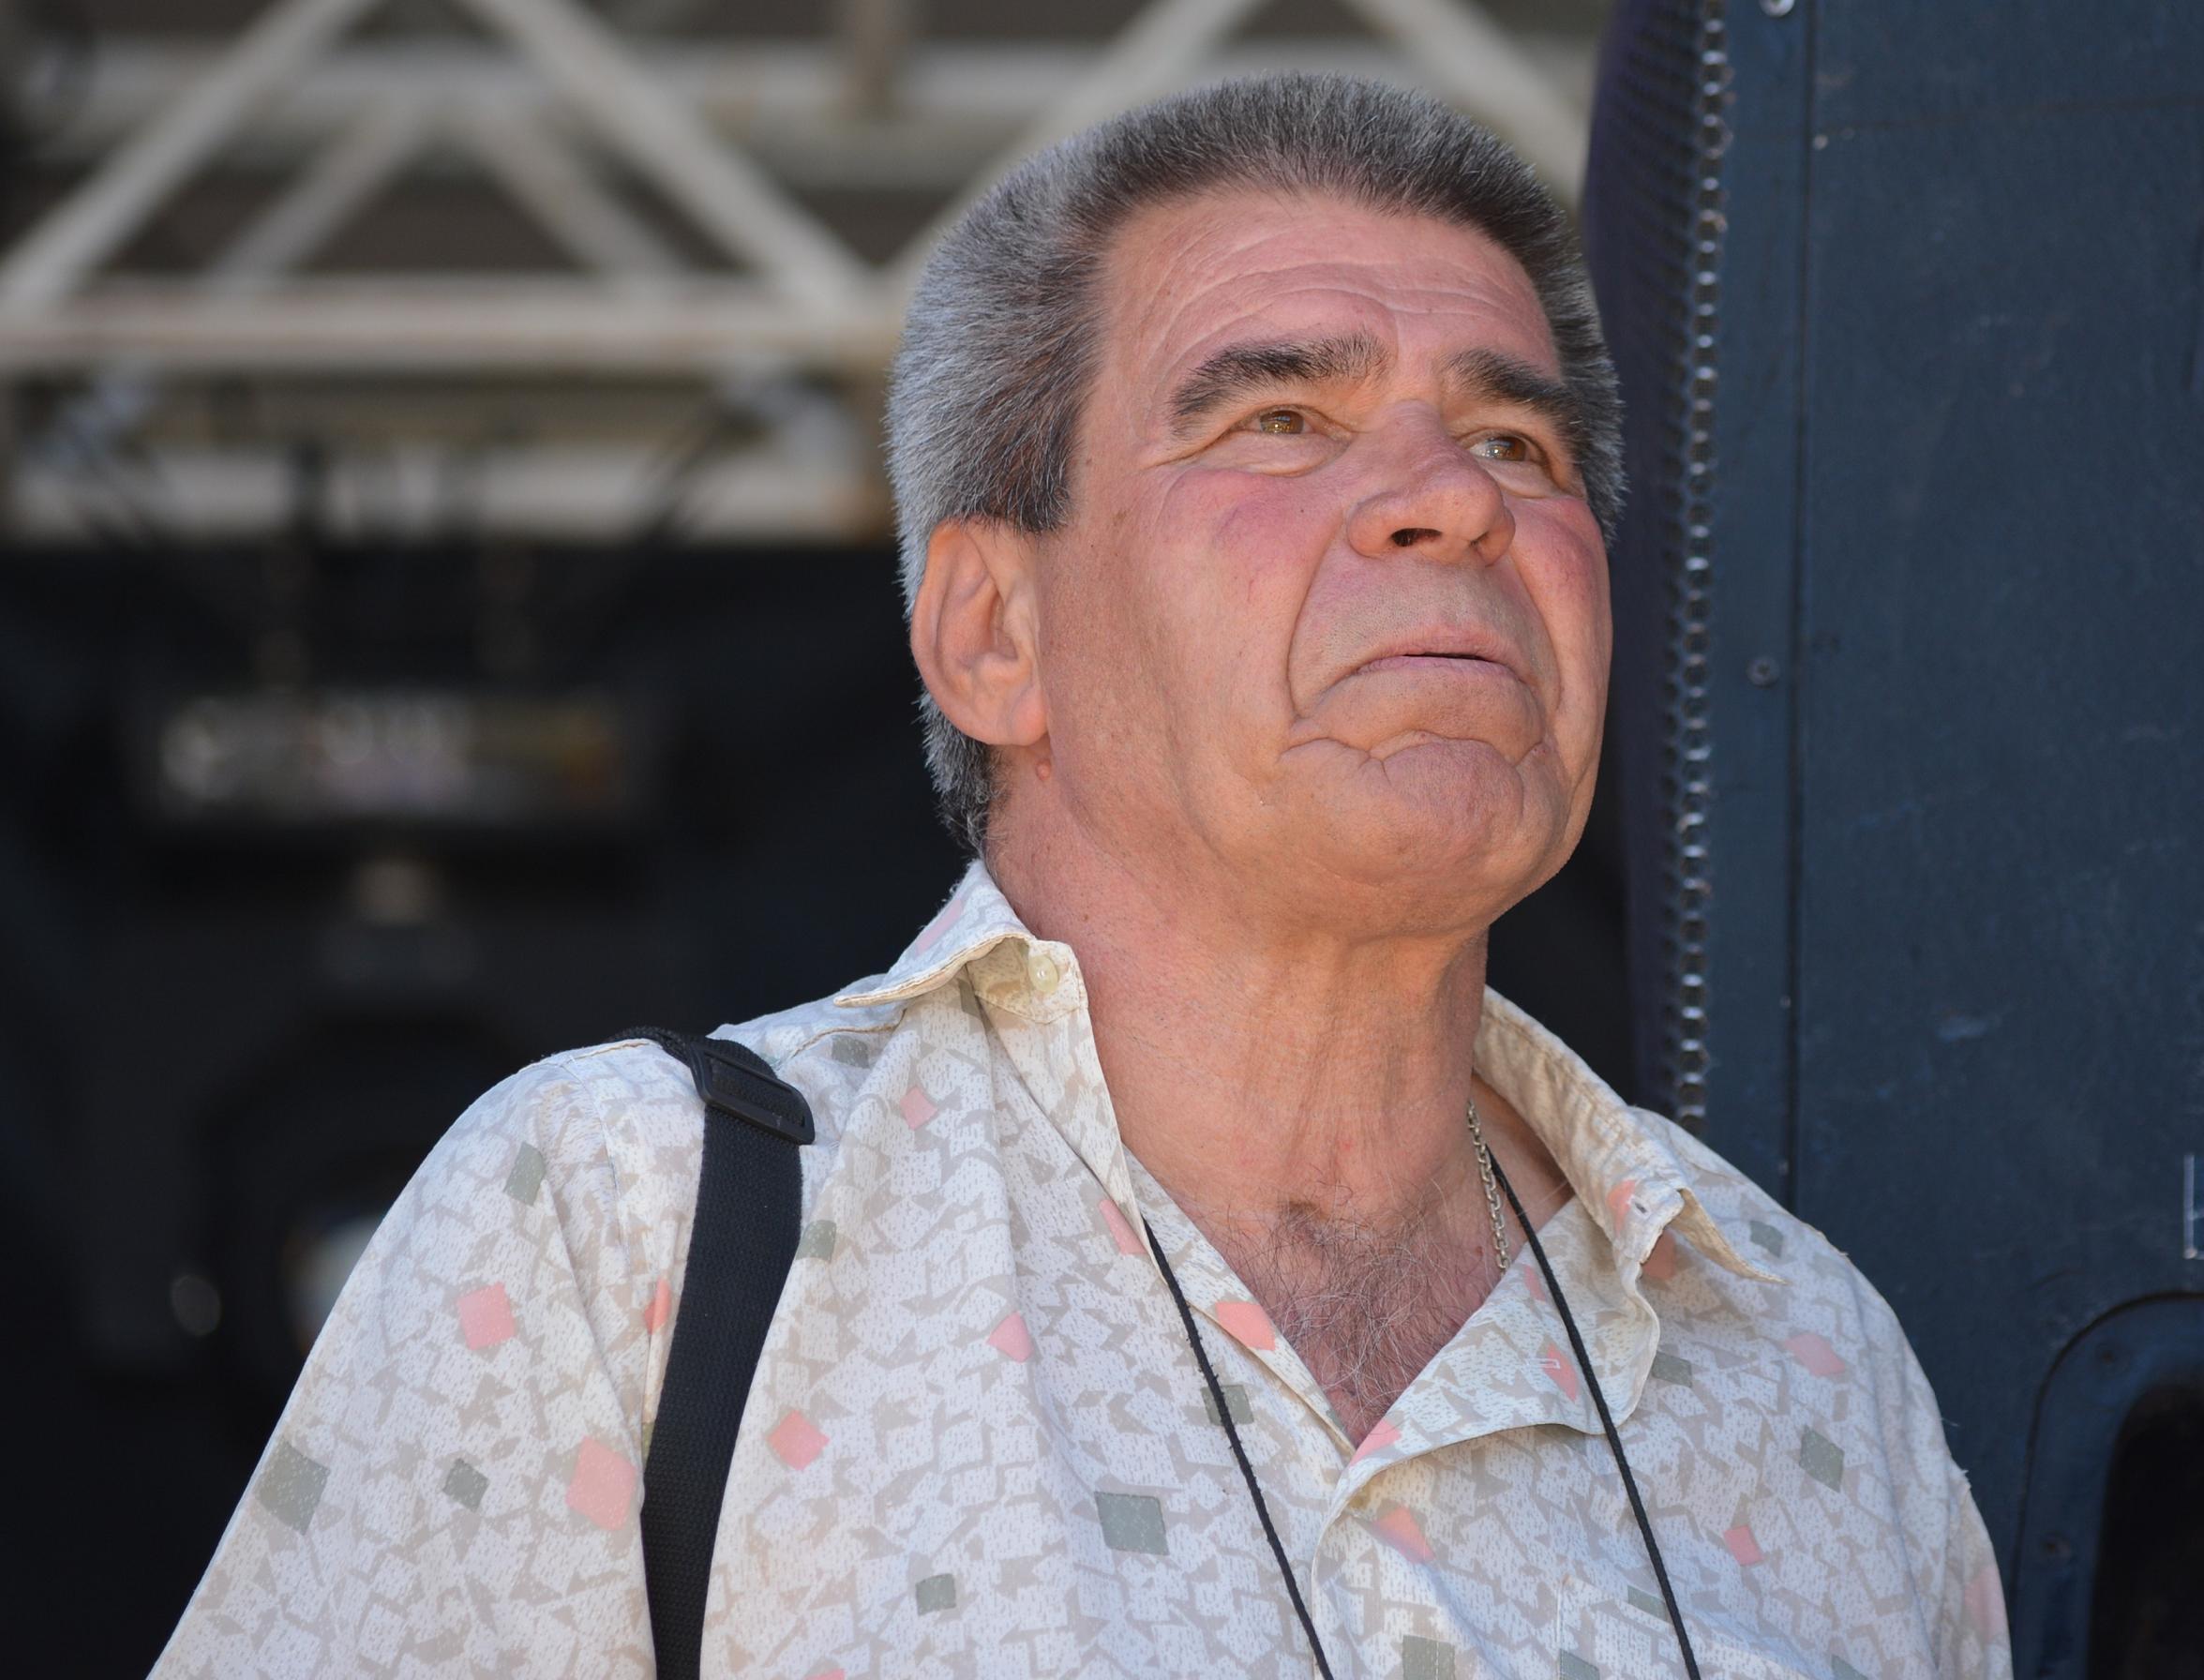 Bahía Blanca – Falleció Jorge Jordi, uno de los historiadores más comprometidos con nuestra zona